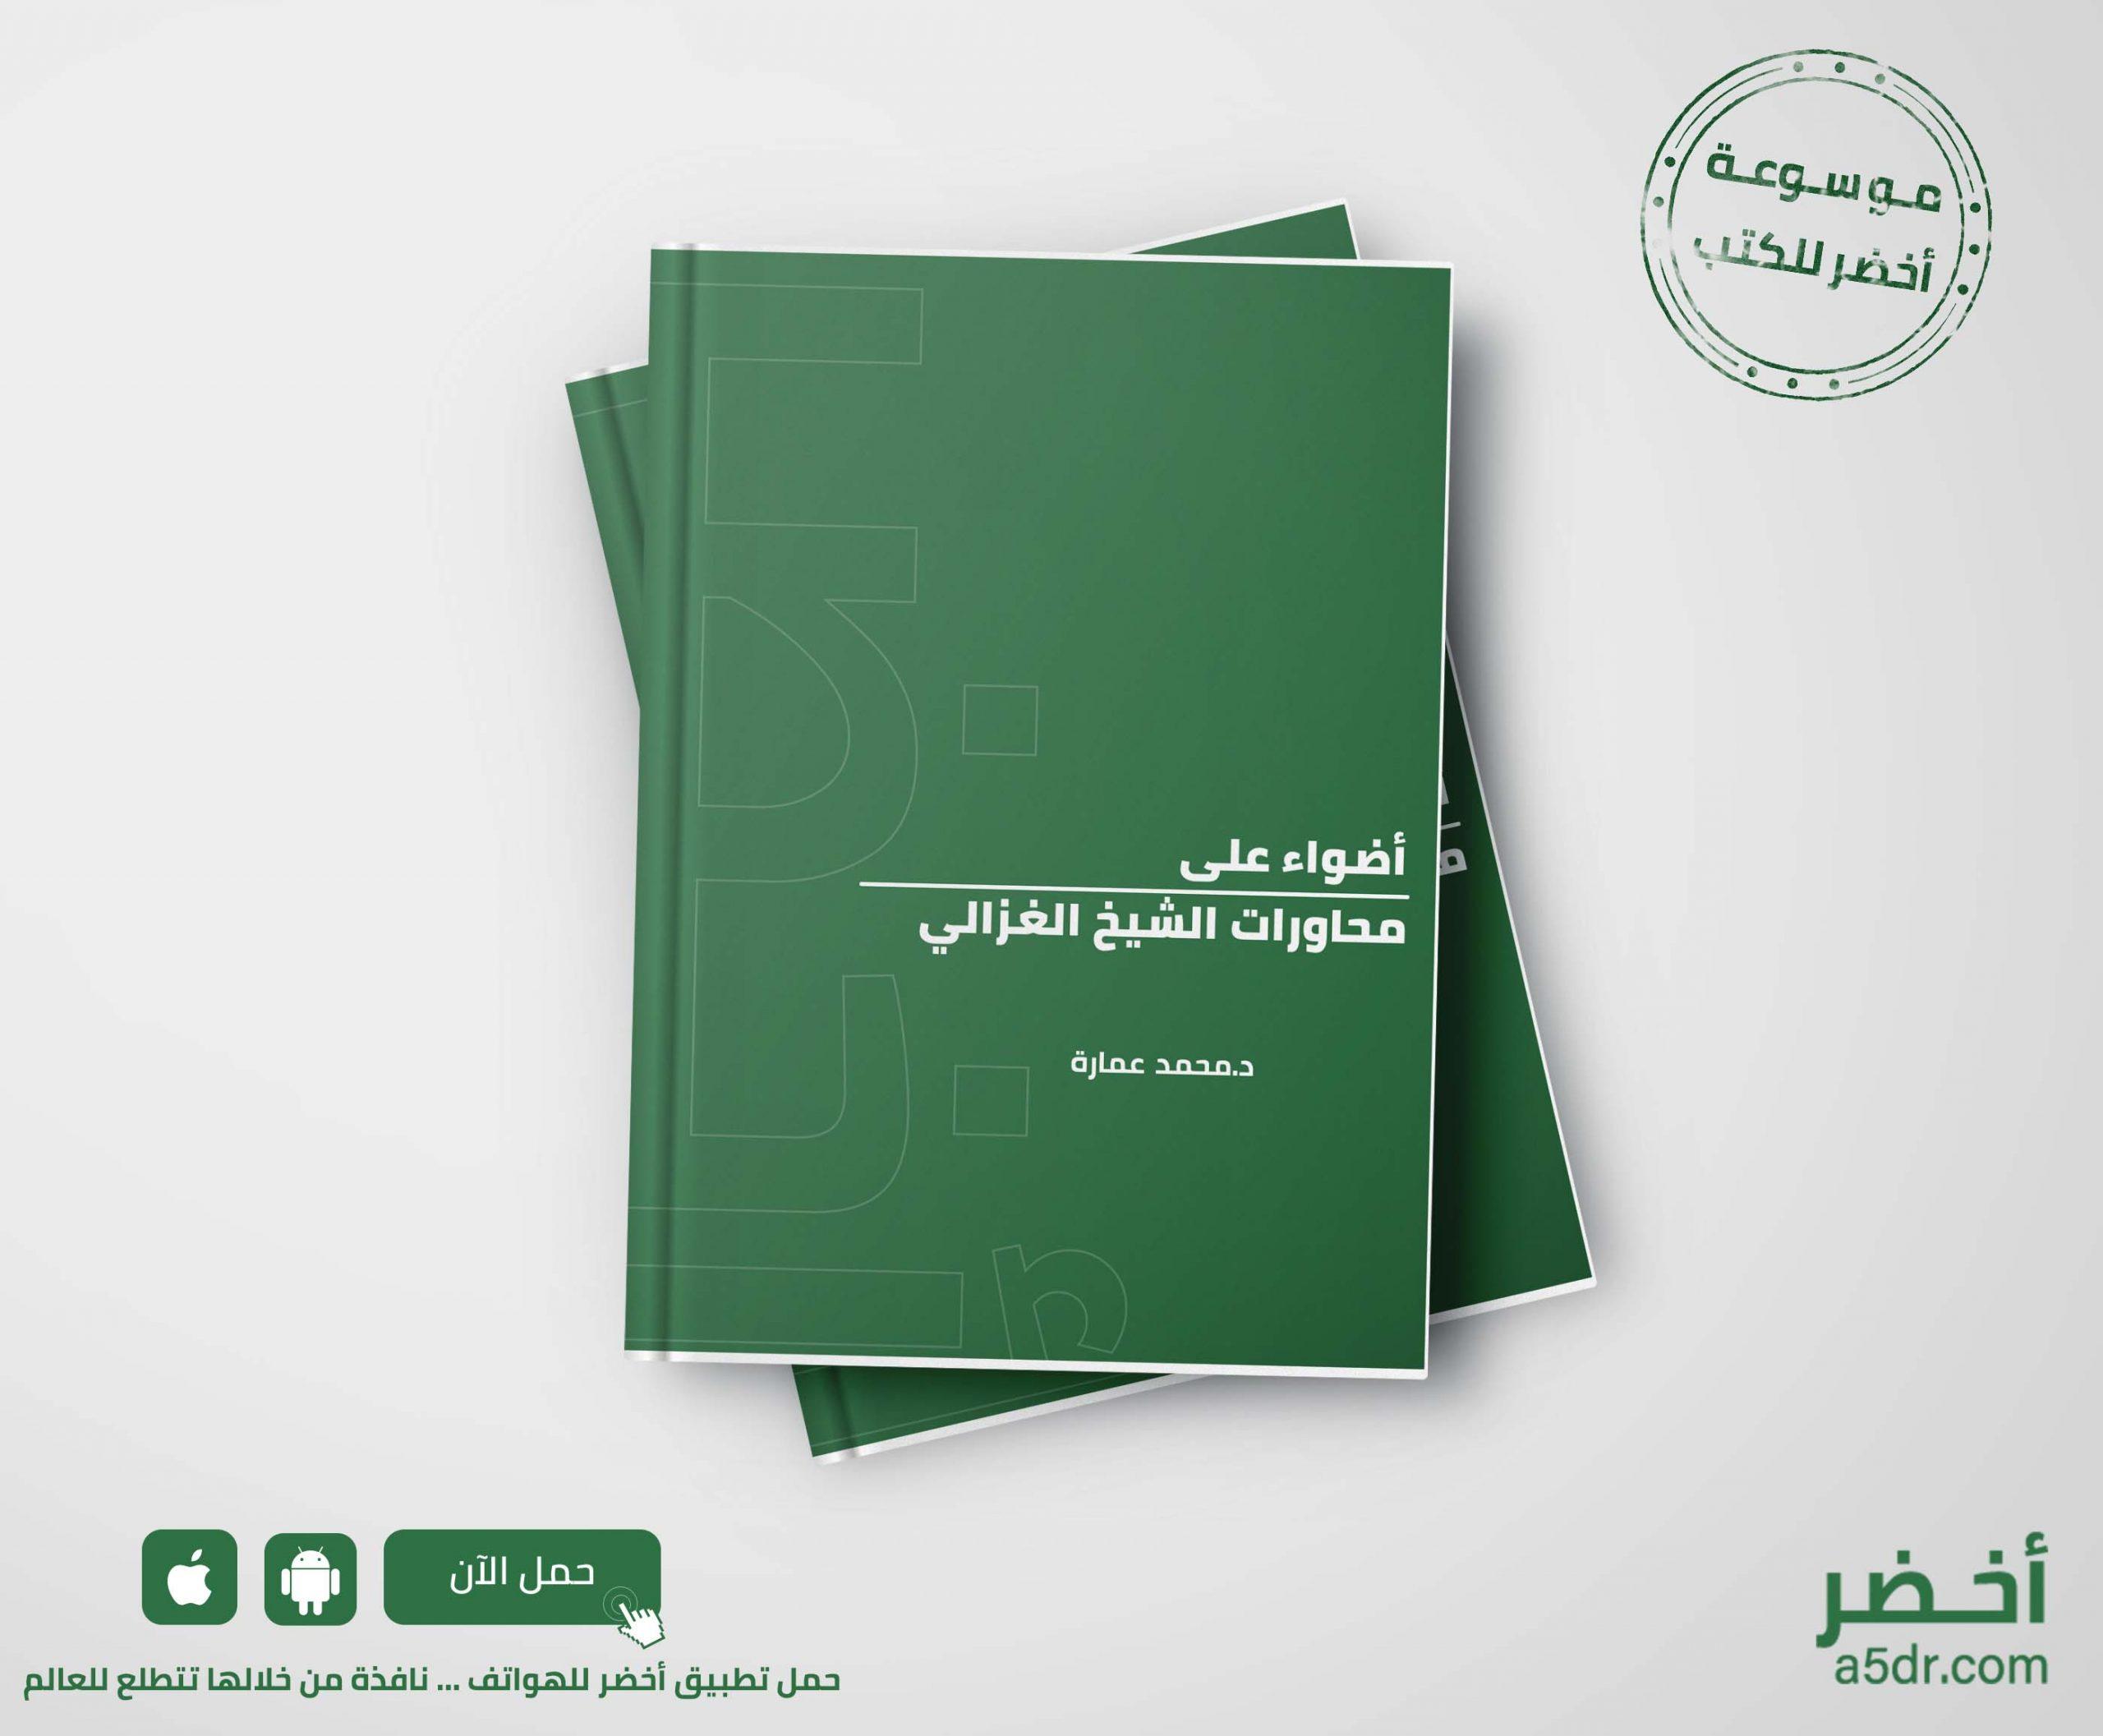 كتاب أضواء على محاورات الشيخ الغزالي - محمد عمارة